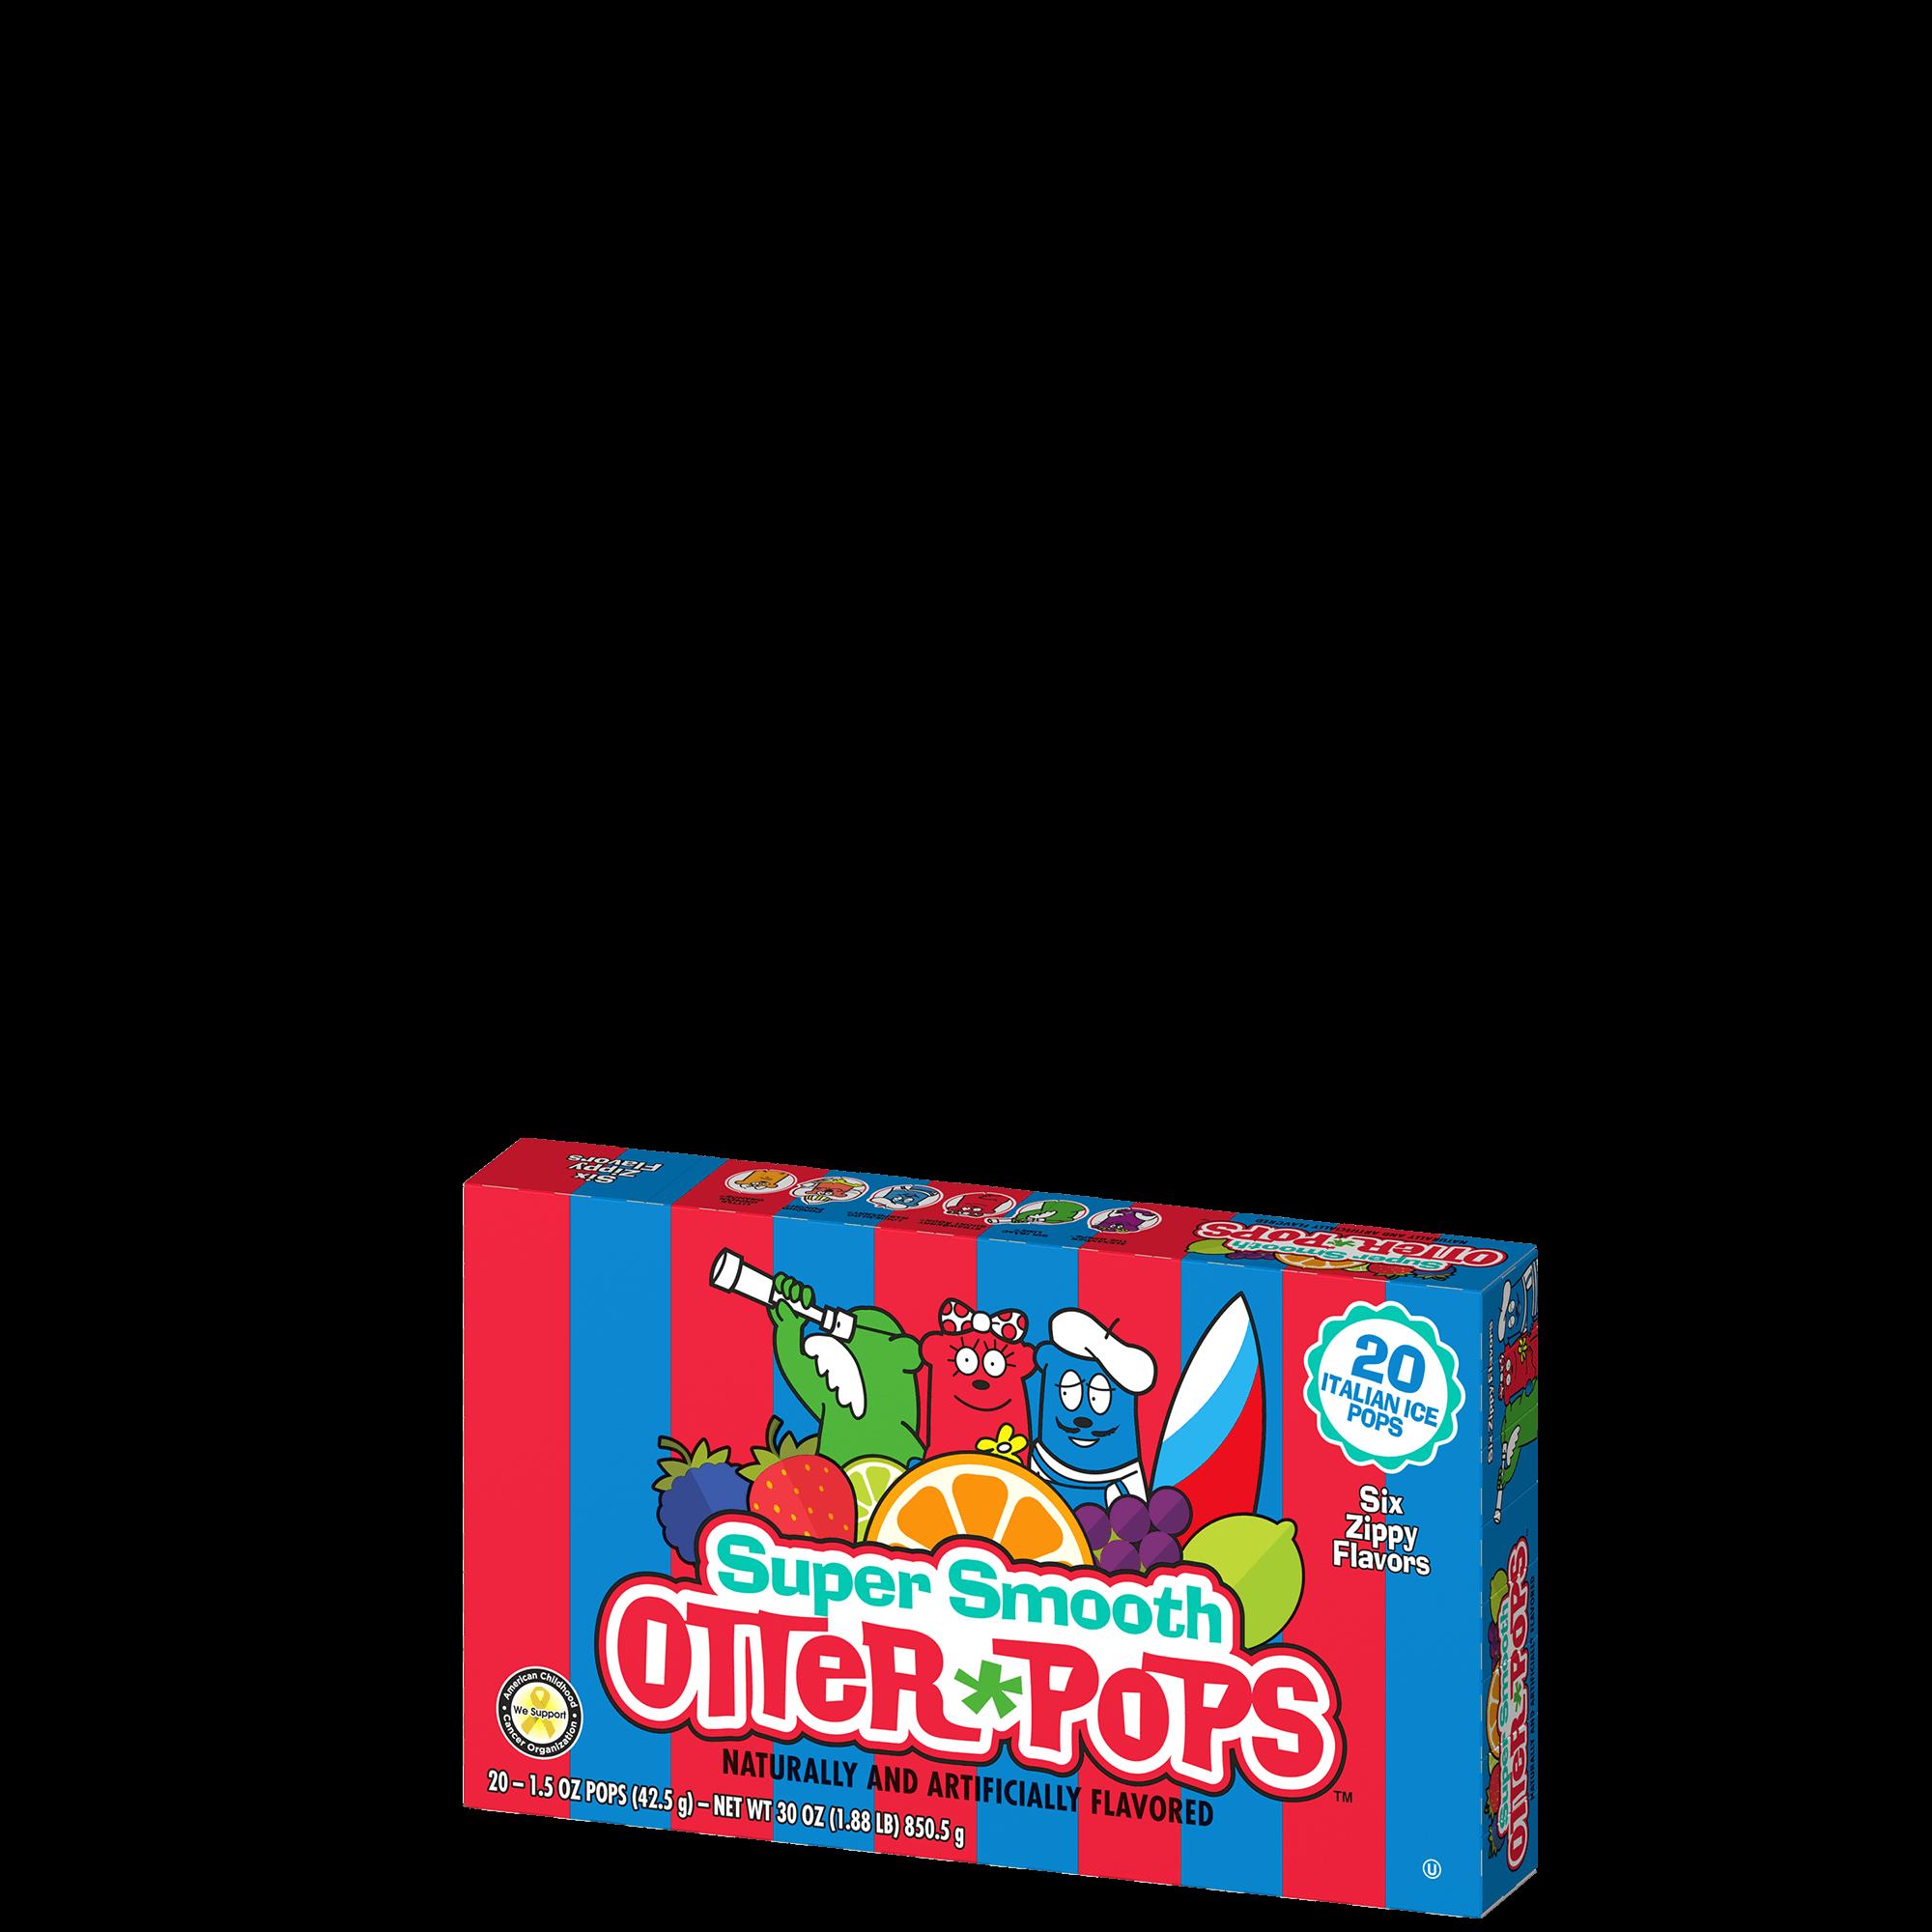 20 ct/1.5 oz – Super Smooth Sorbet Pops